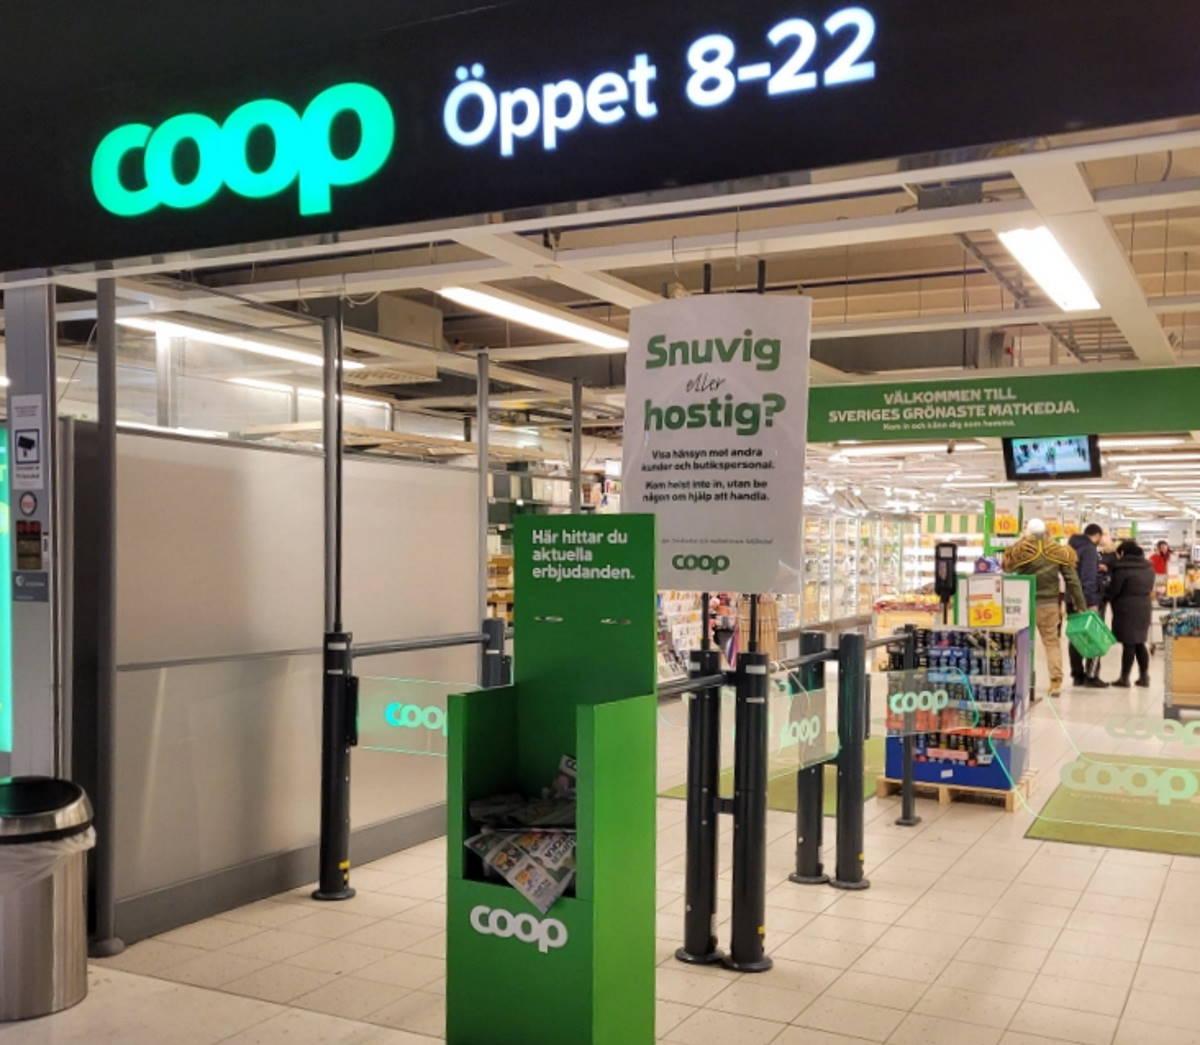 Revil di nuovo in azione, questa volta la vittima è una azienda americana che opera nell'IT: bloccata la Coop svedese